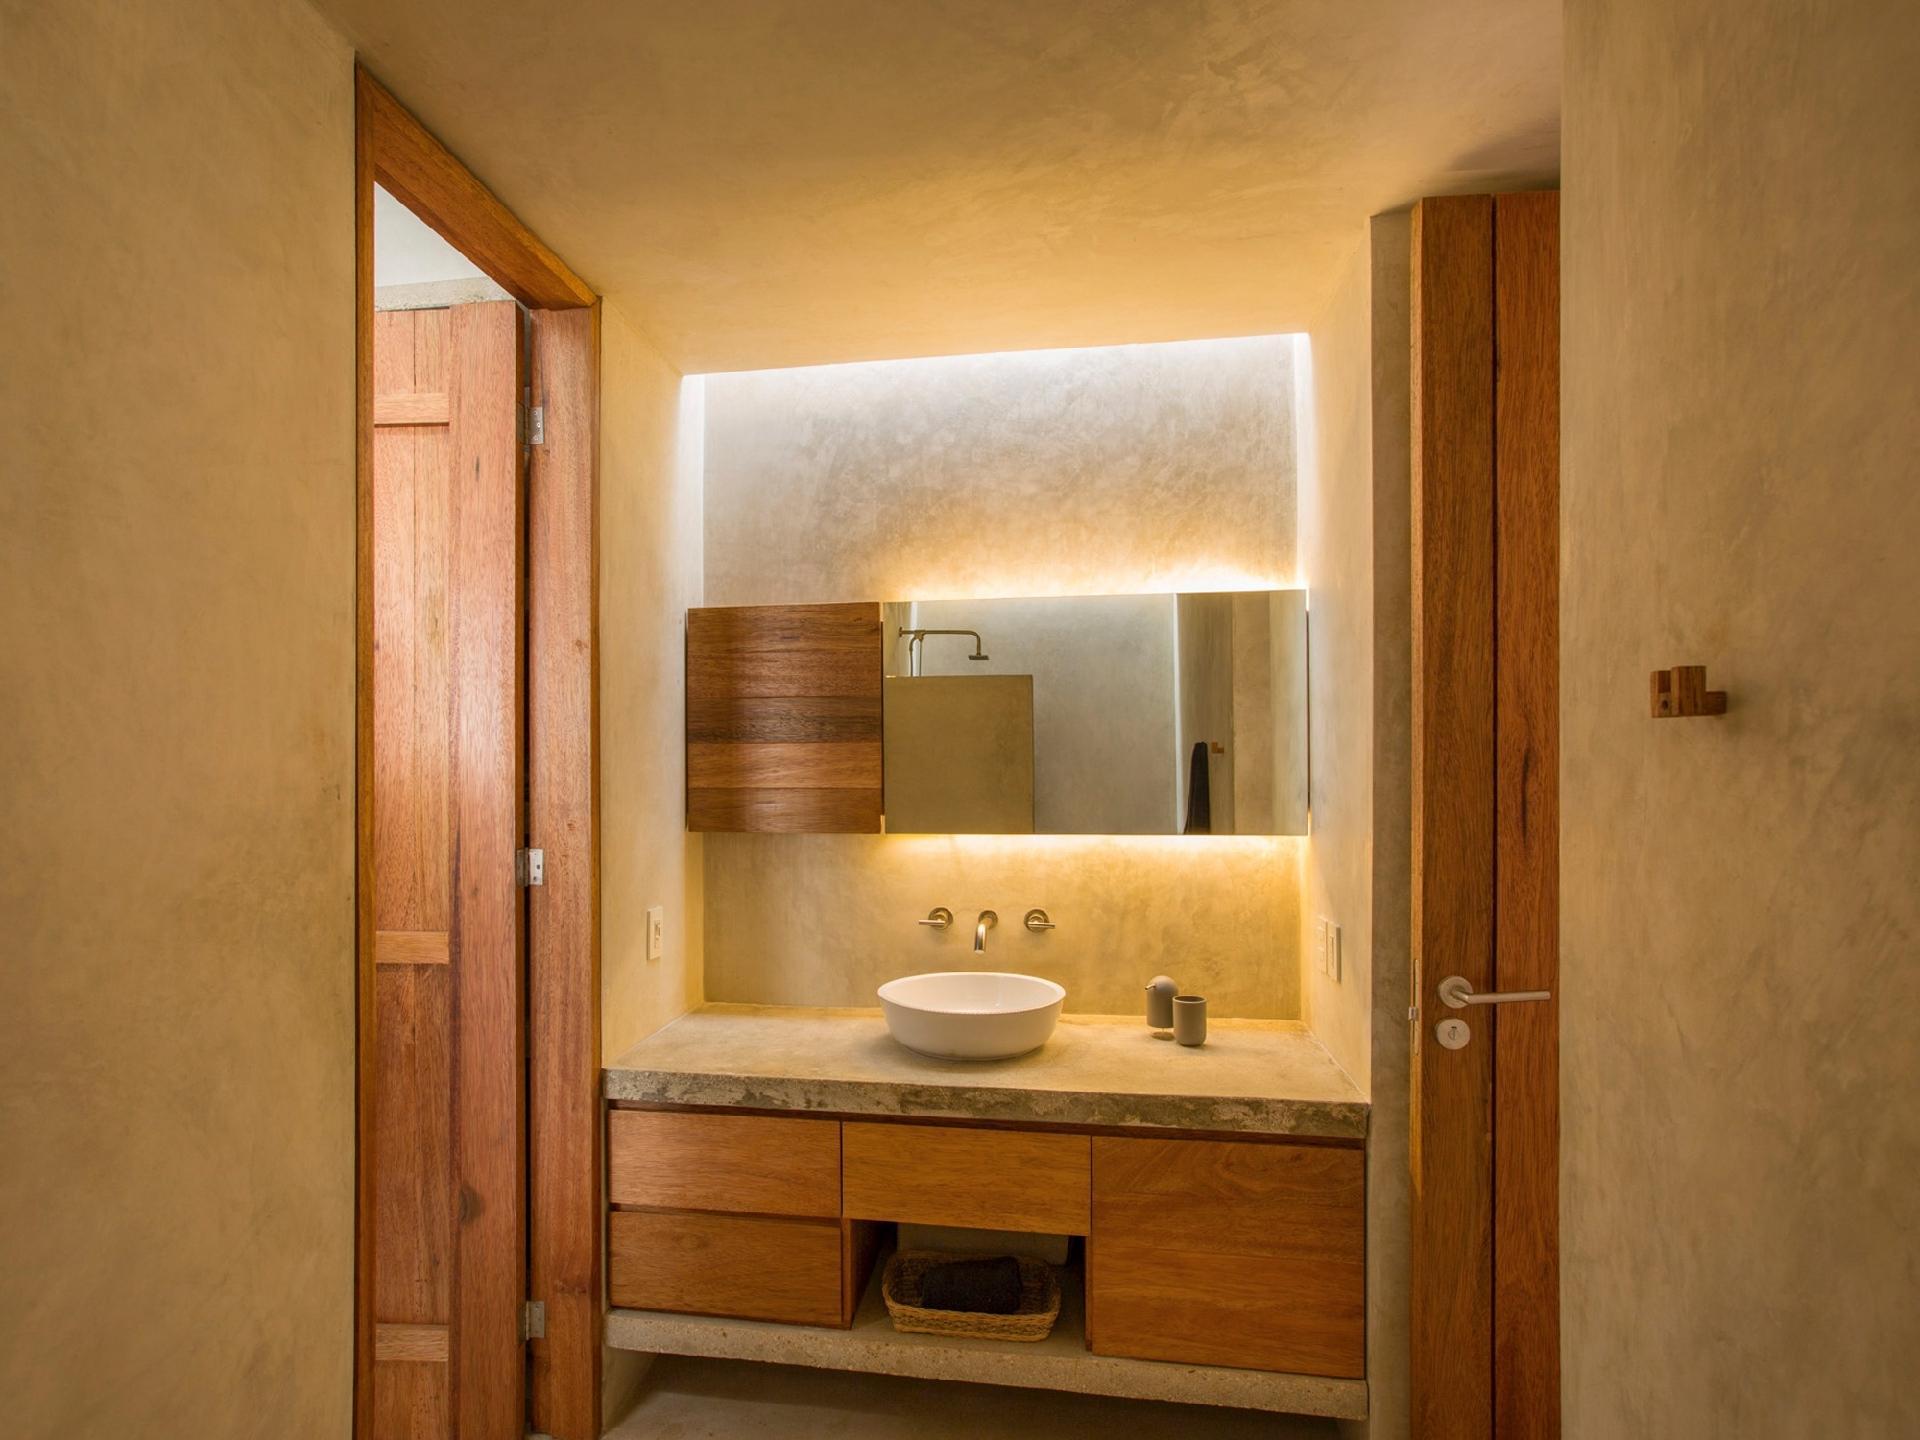 Além da iluminação embutida atrás do espelho, o banheiro conta com uma abertura no forro (claraboia). A porta à esquerda dá acesso direto para o único dormitório da casa Gabriela. A segunda abertura está voltada ao living, assim o ambiente é uma espécie de passagem. O projeto de arquitetura é do Taco Taller de Arquitectura Contextual